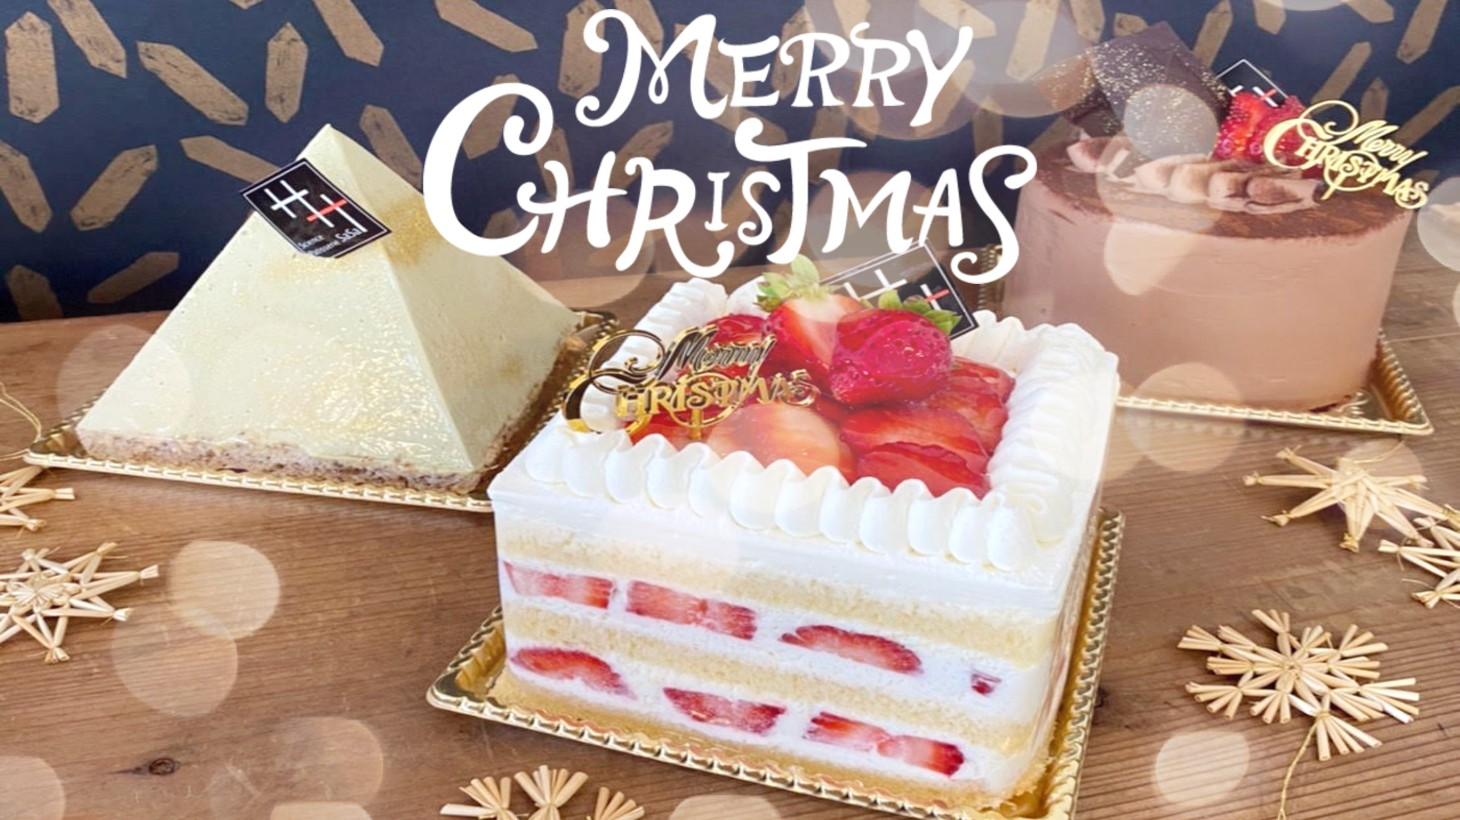 クリスマスケーキ特集トップ画像